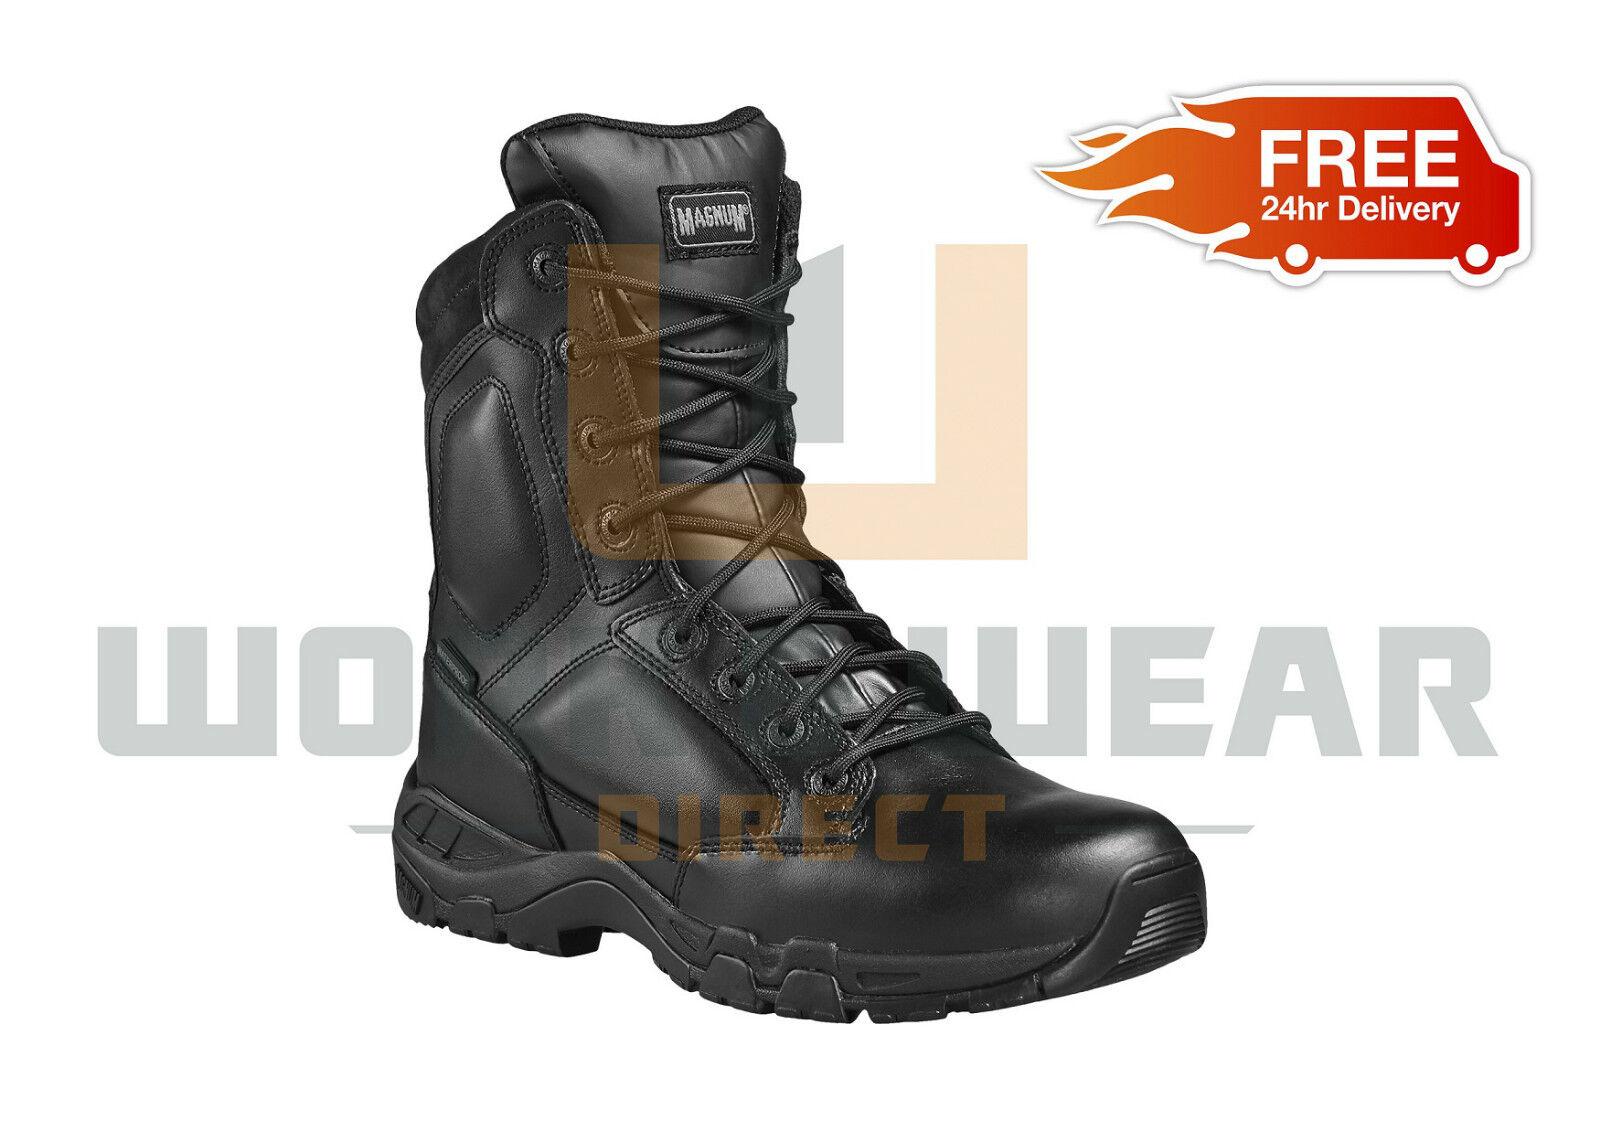 Magnum VIPER PRO 8.0 in Pelle Impermeabile Di Sicurezza Combat Stivali Tattici in magazzino